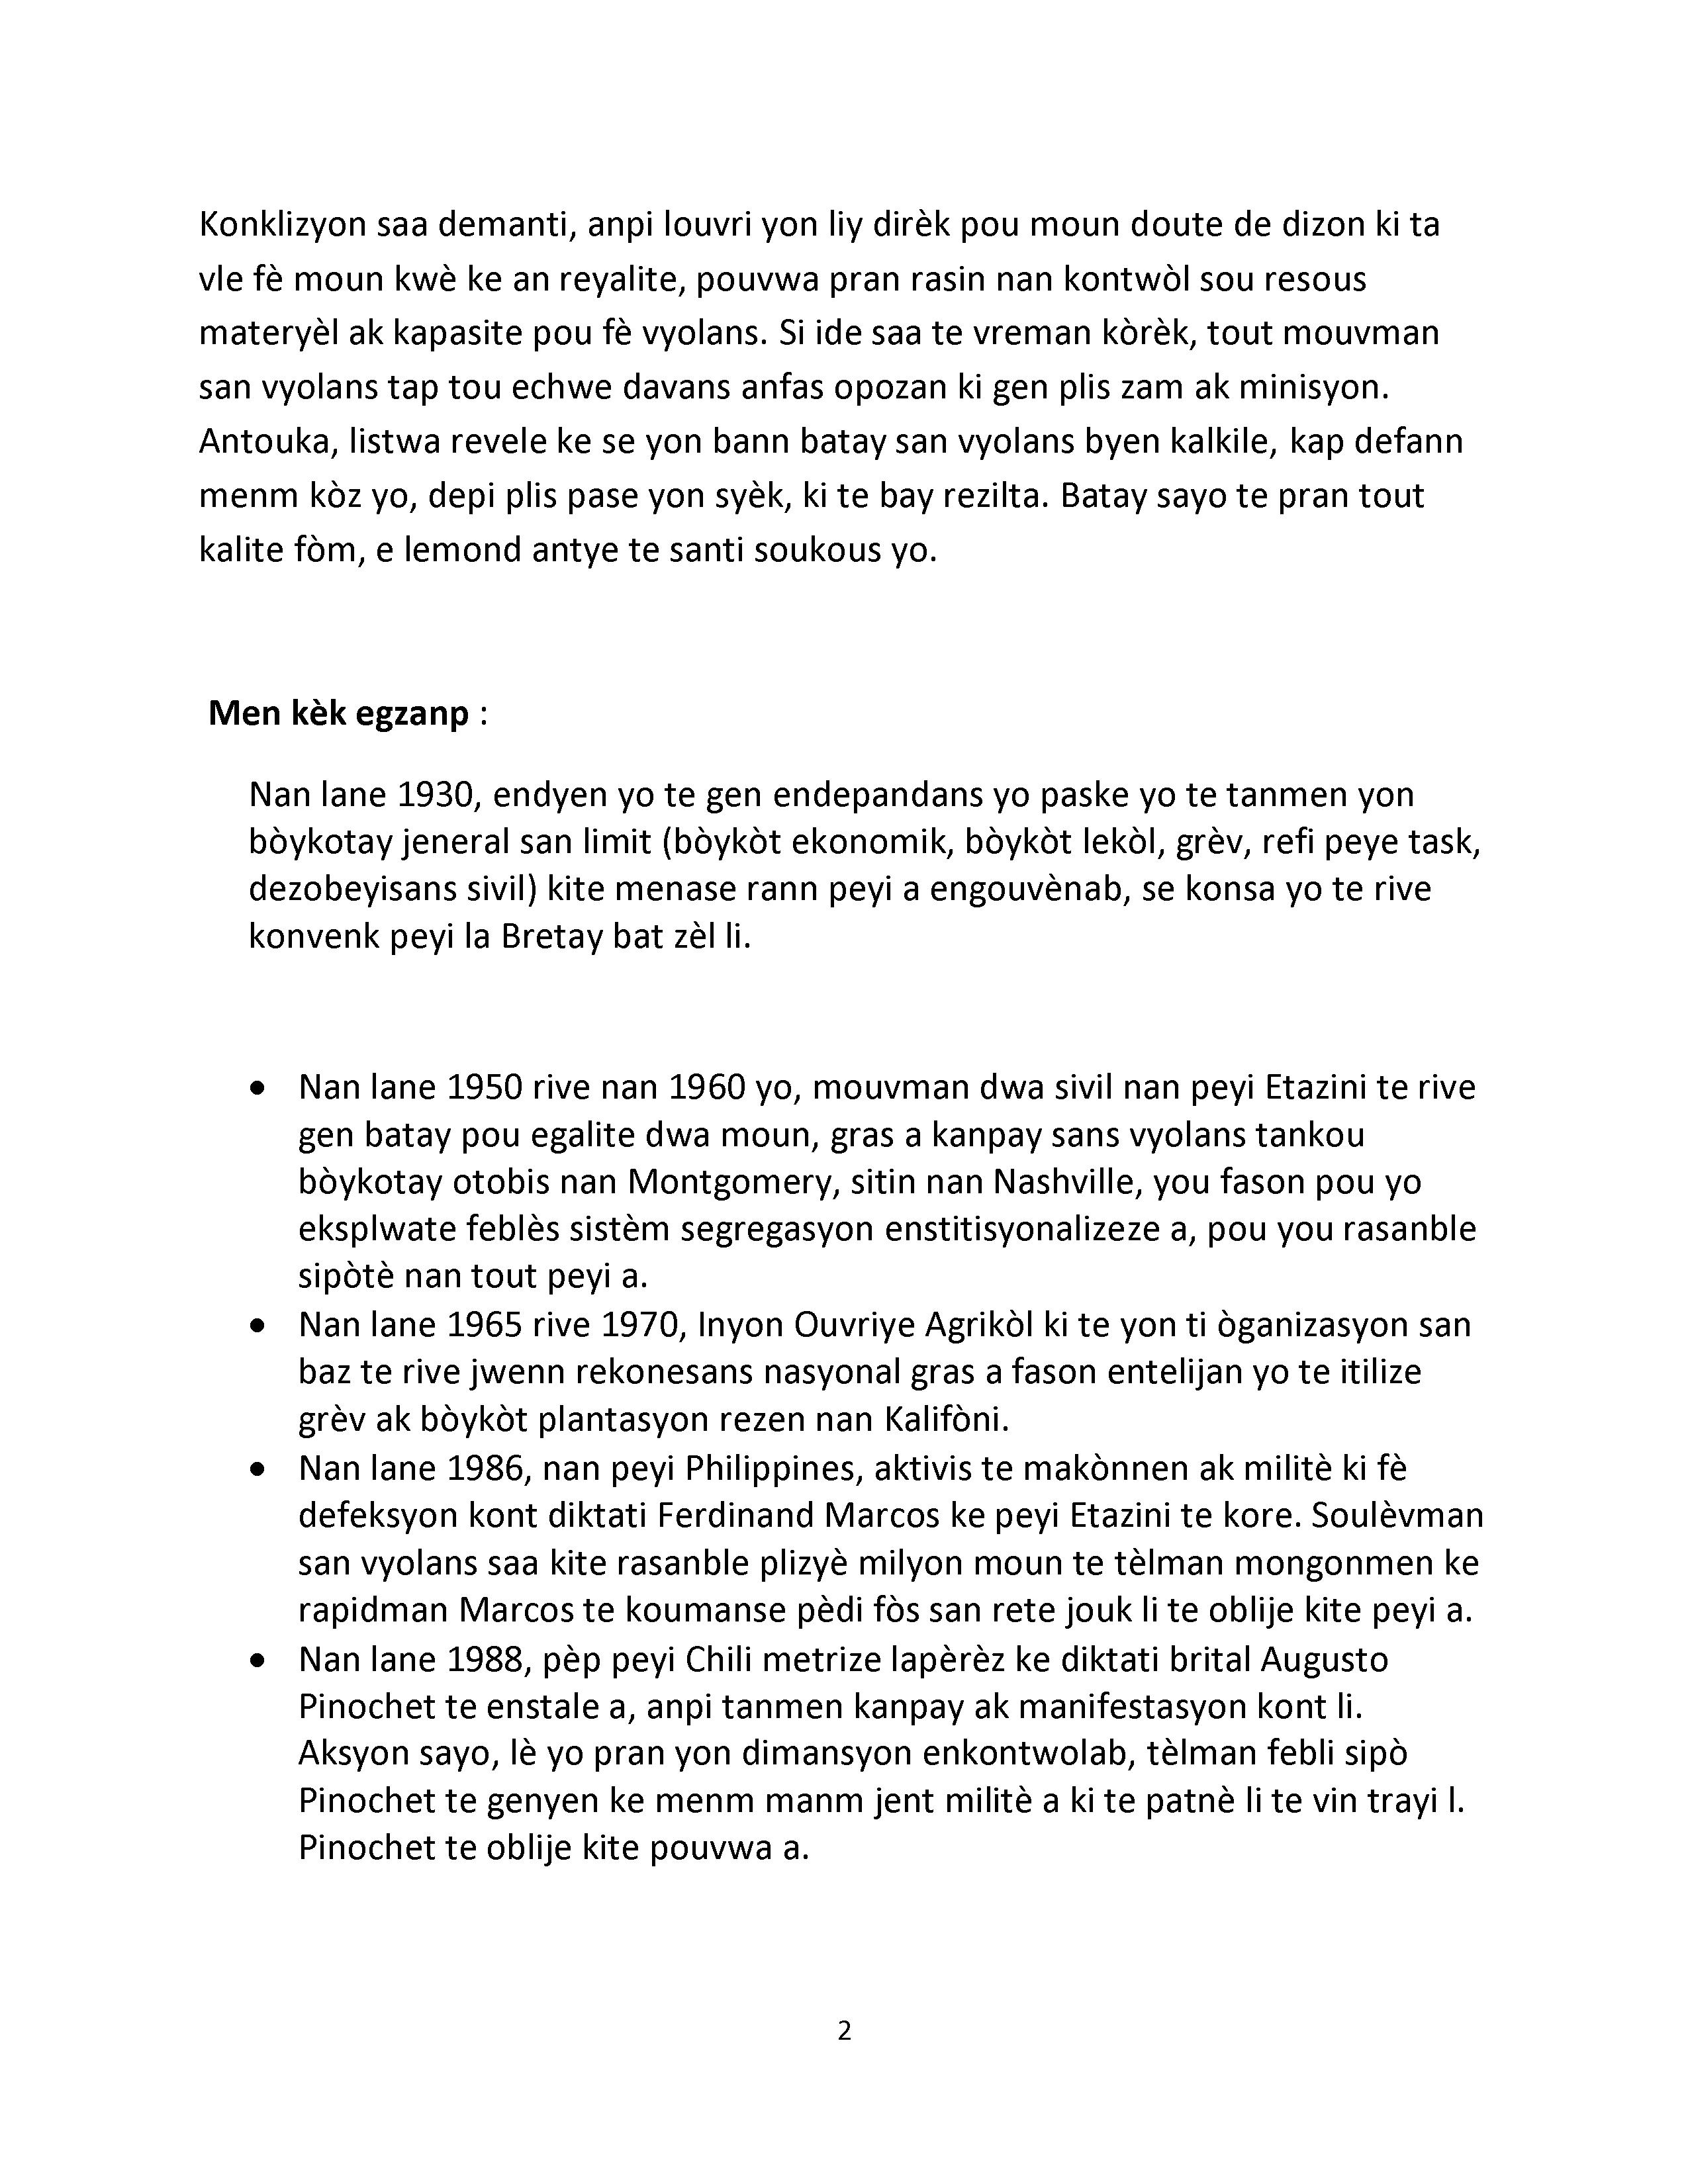 Trifekta Rezistans Sivil : Inite, Planifikasyon, Disiplin.